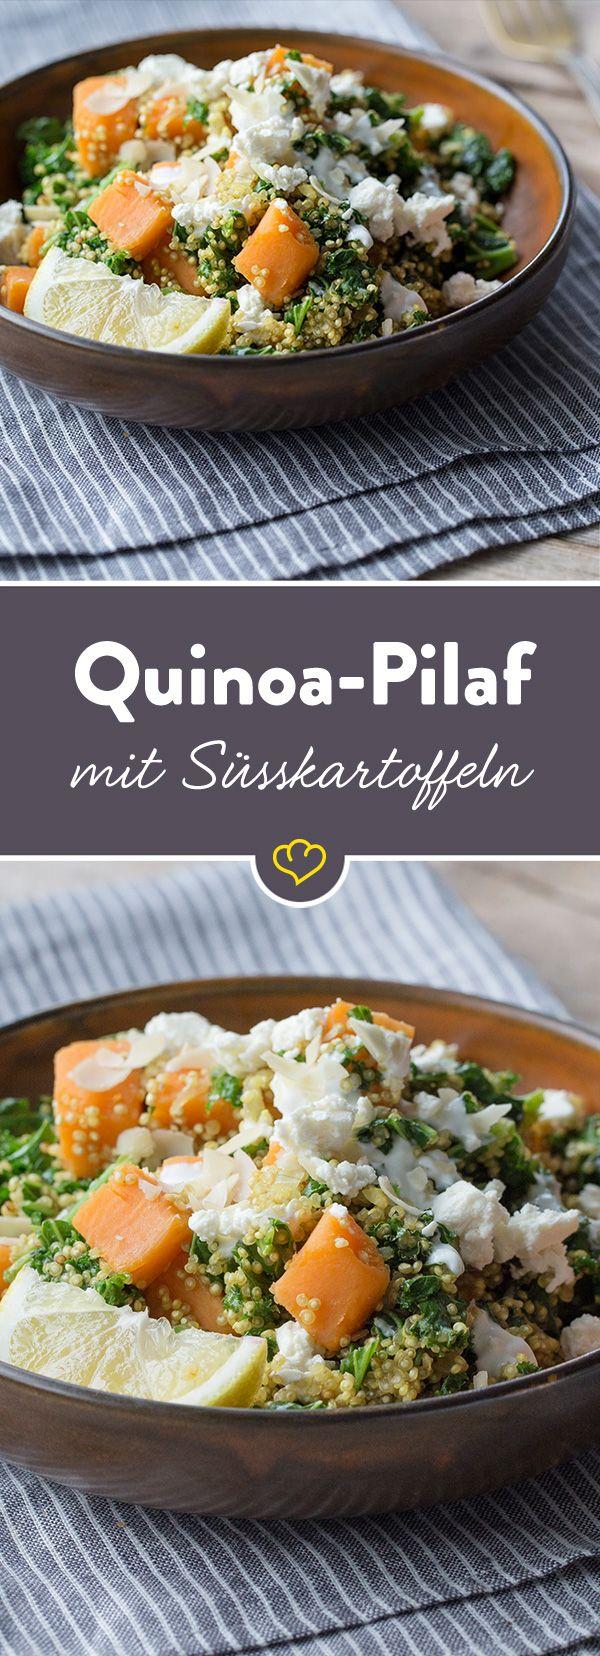 quinoa pilaf mit gr nkohl und s kartoffeln rezept. Black Bedroom Furniture Sets. Home Design Ideas